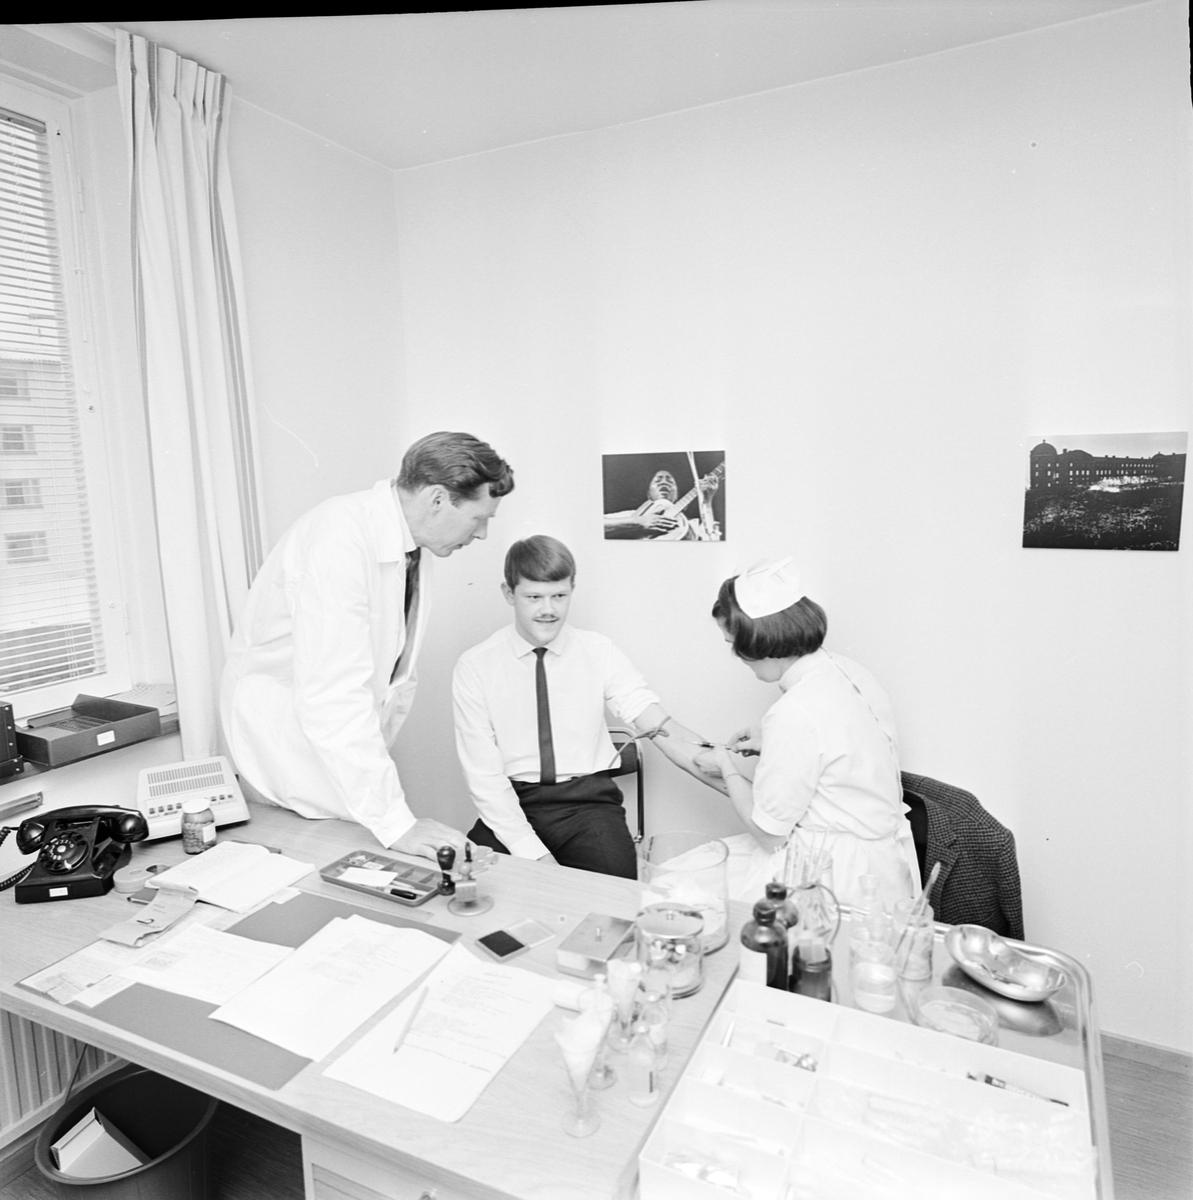 Hälsovårdsklinik, Rackarberget, Uppsala 1966